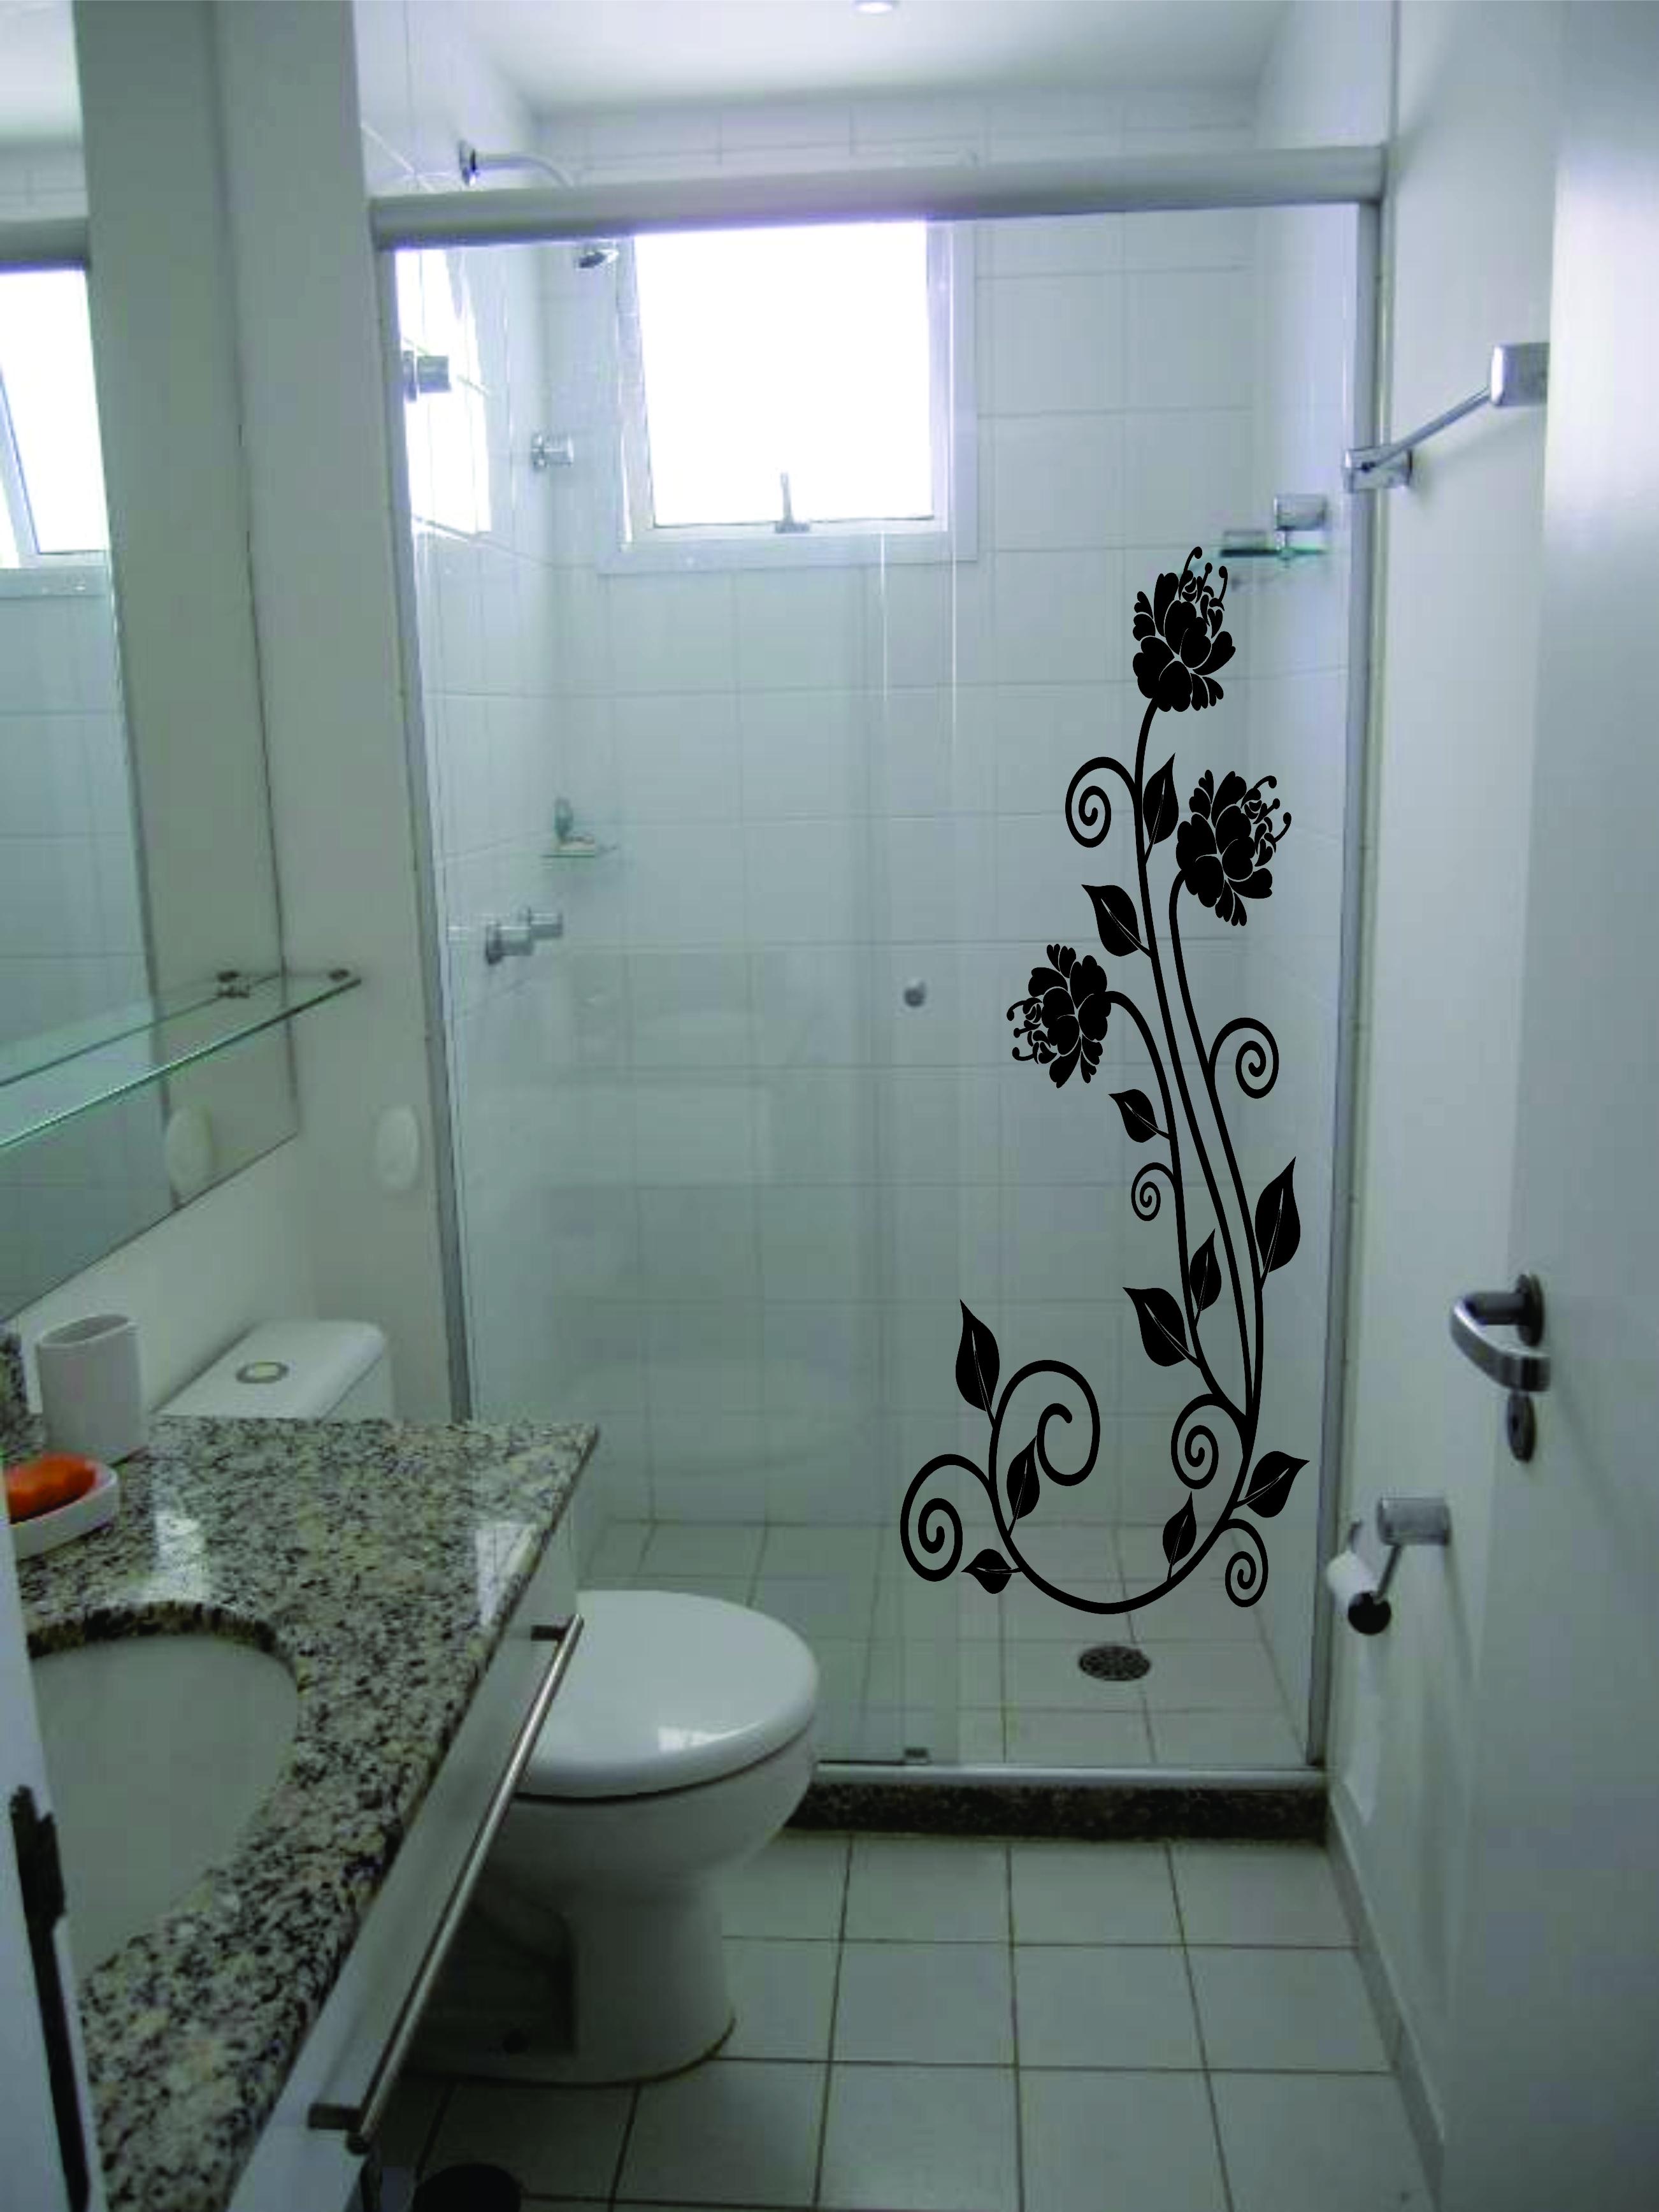 Adesivo Box Blindex banheiro  Adesivos Sempre Viva  Elo7 -> Box Banheiro Blindex Decorado